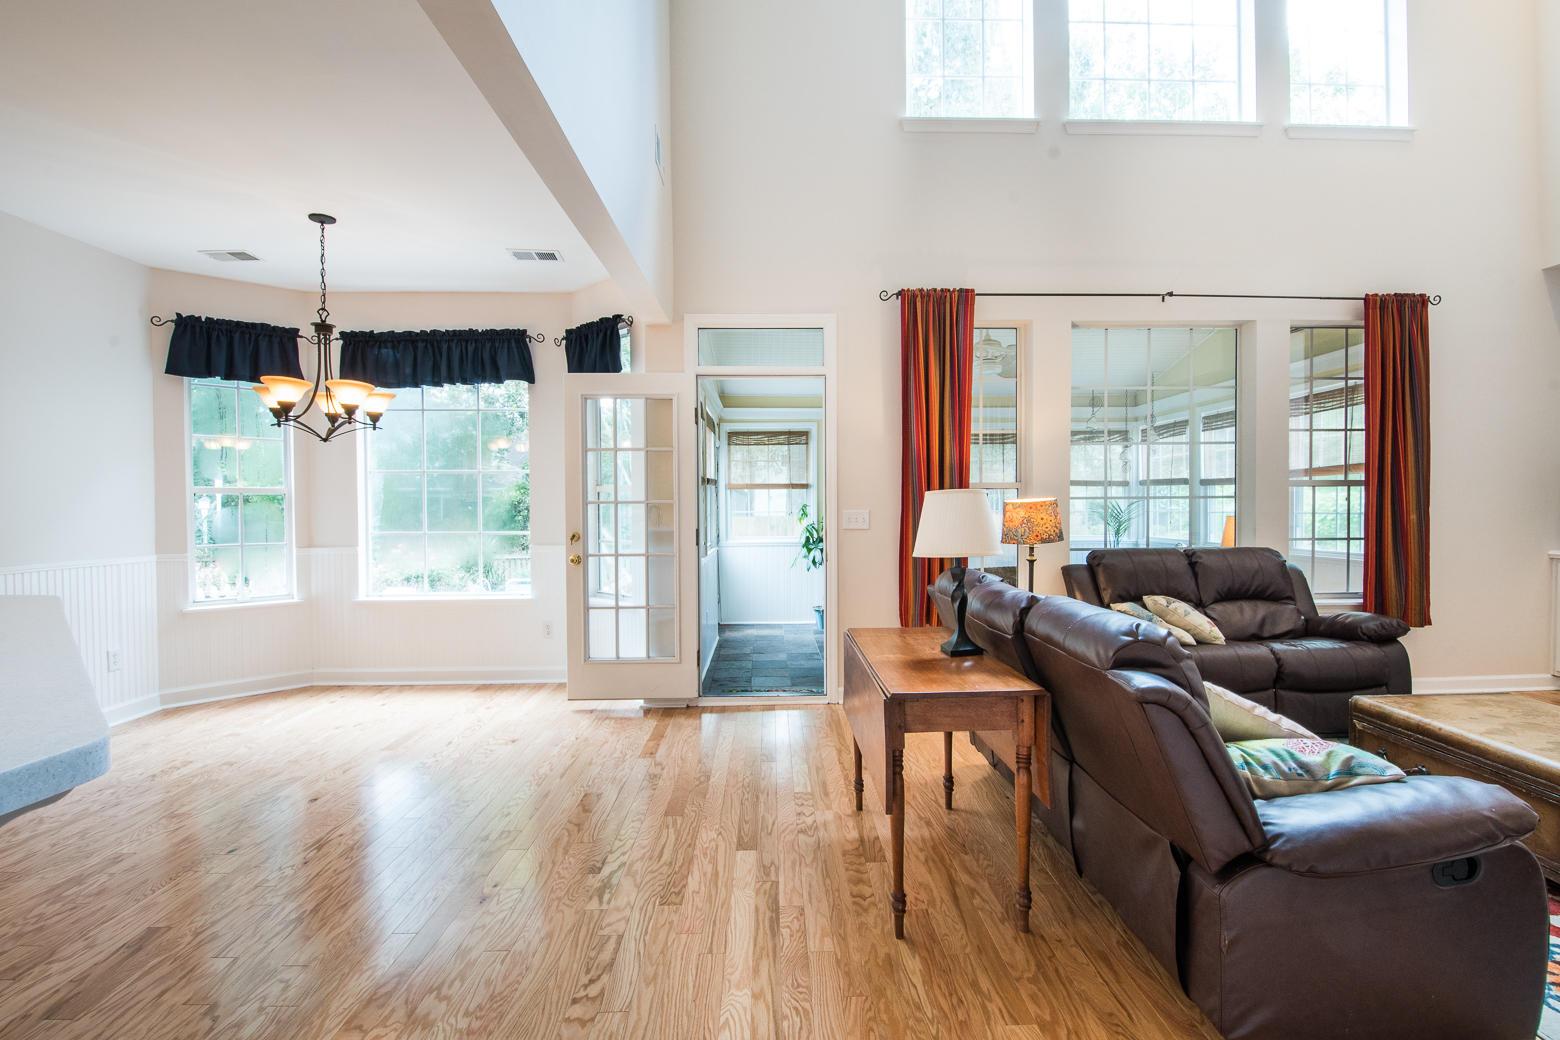 Dunes West Homes For Sale - 1111 Black Rush, Mount Pleasant, SC - 1